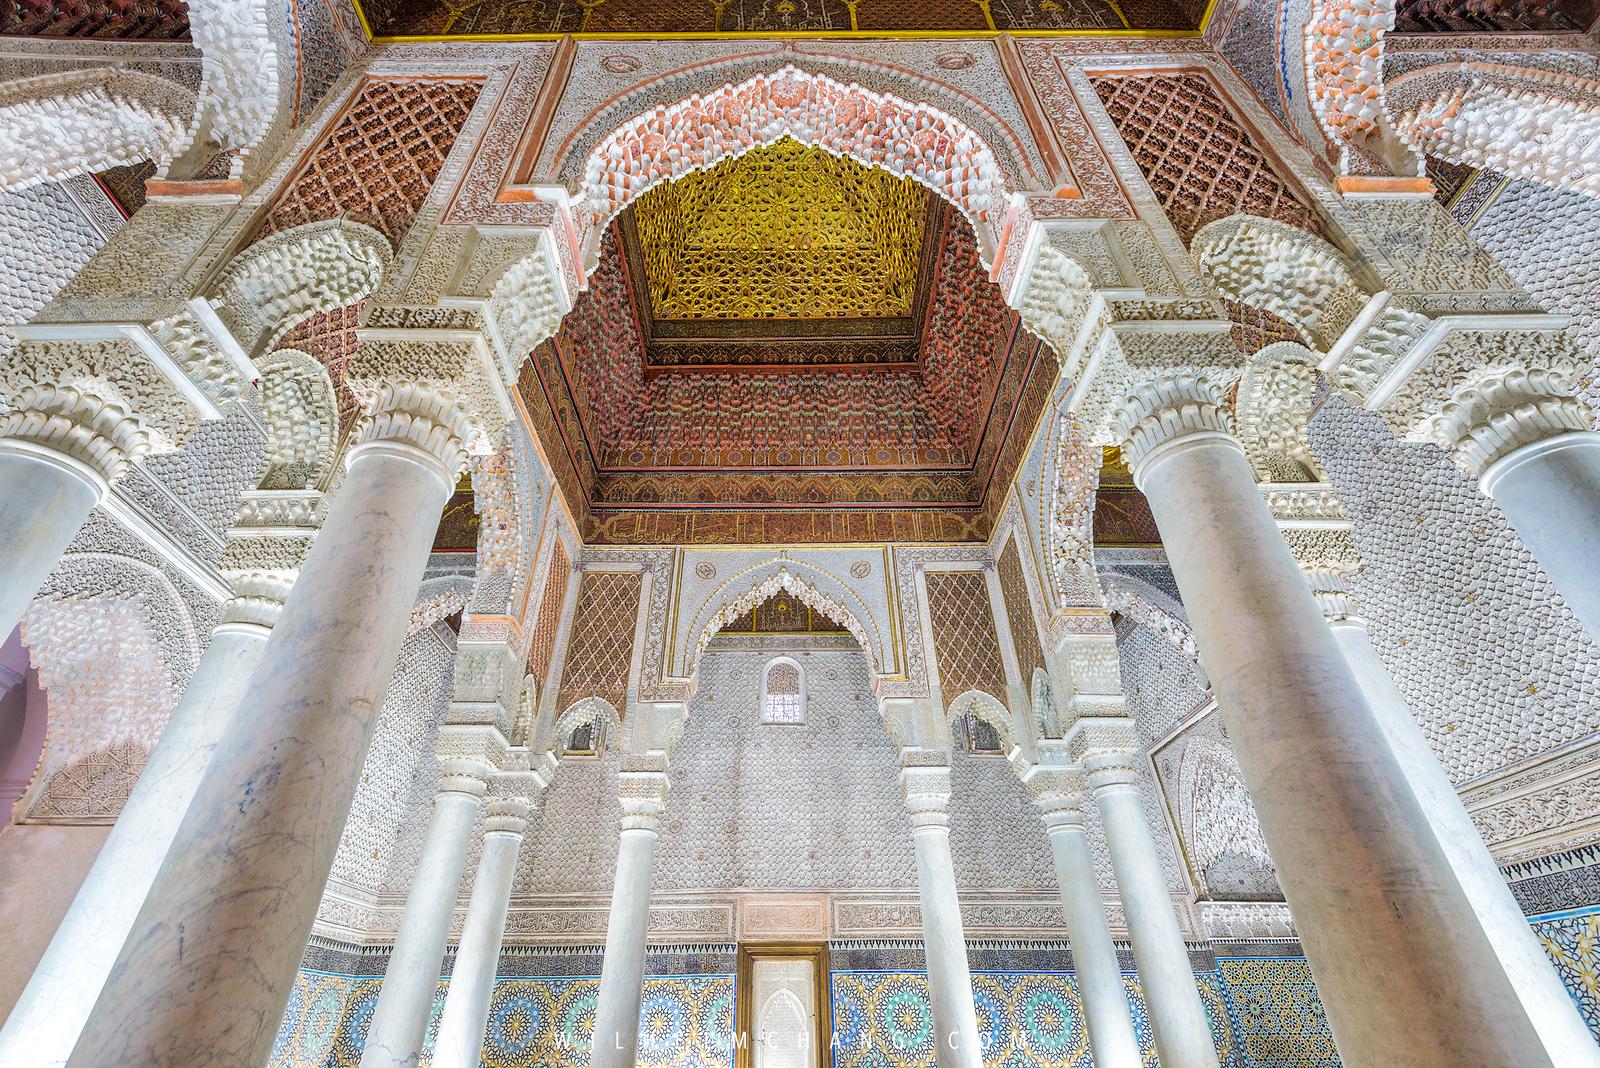 北非調色盤 摩洛哥 馬拉喀什一日遊五大必拍景點與拍攝建議 by Wilhelm Chang 張威廉